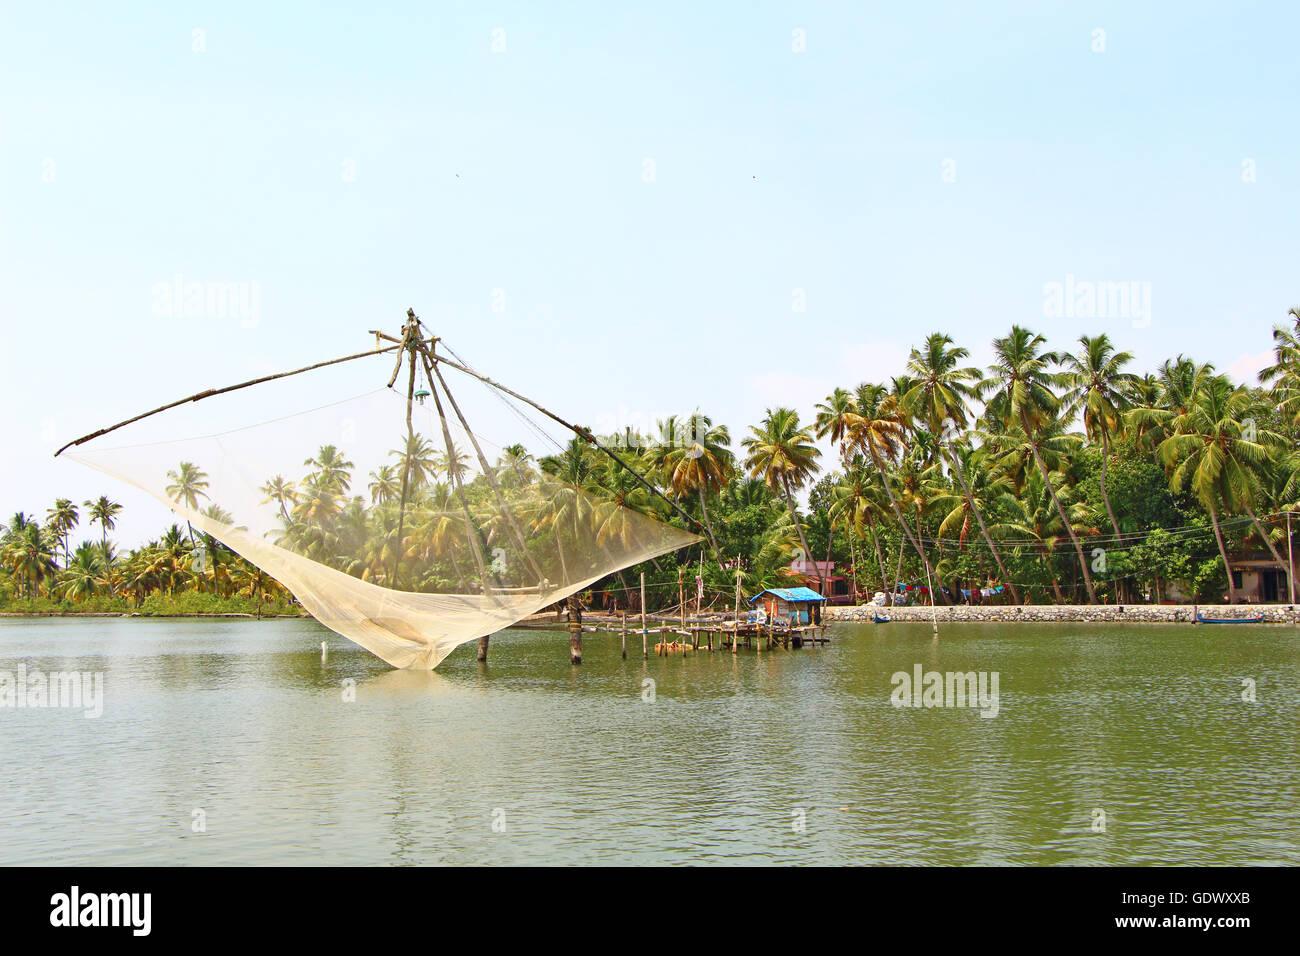 Datierung in Kerala kollamWie können Sie die Macht in Fallout stecken 4